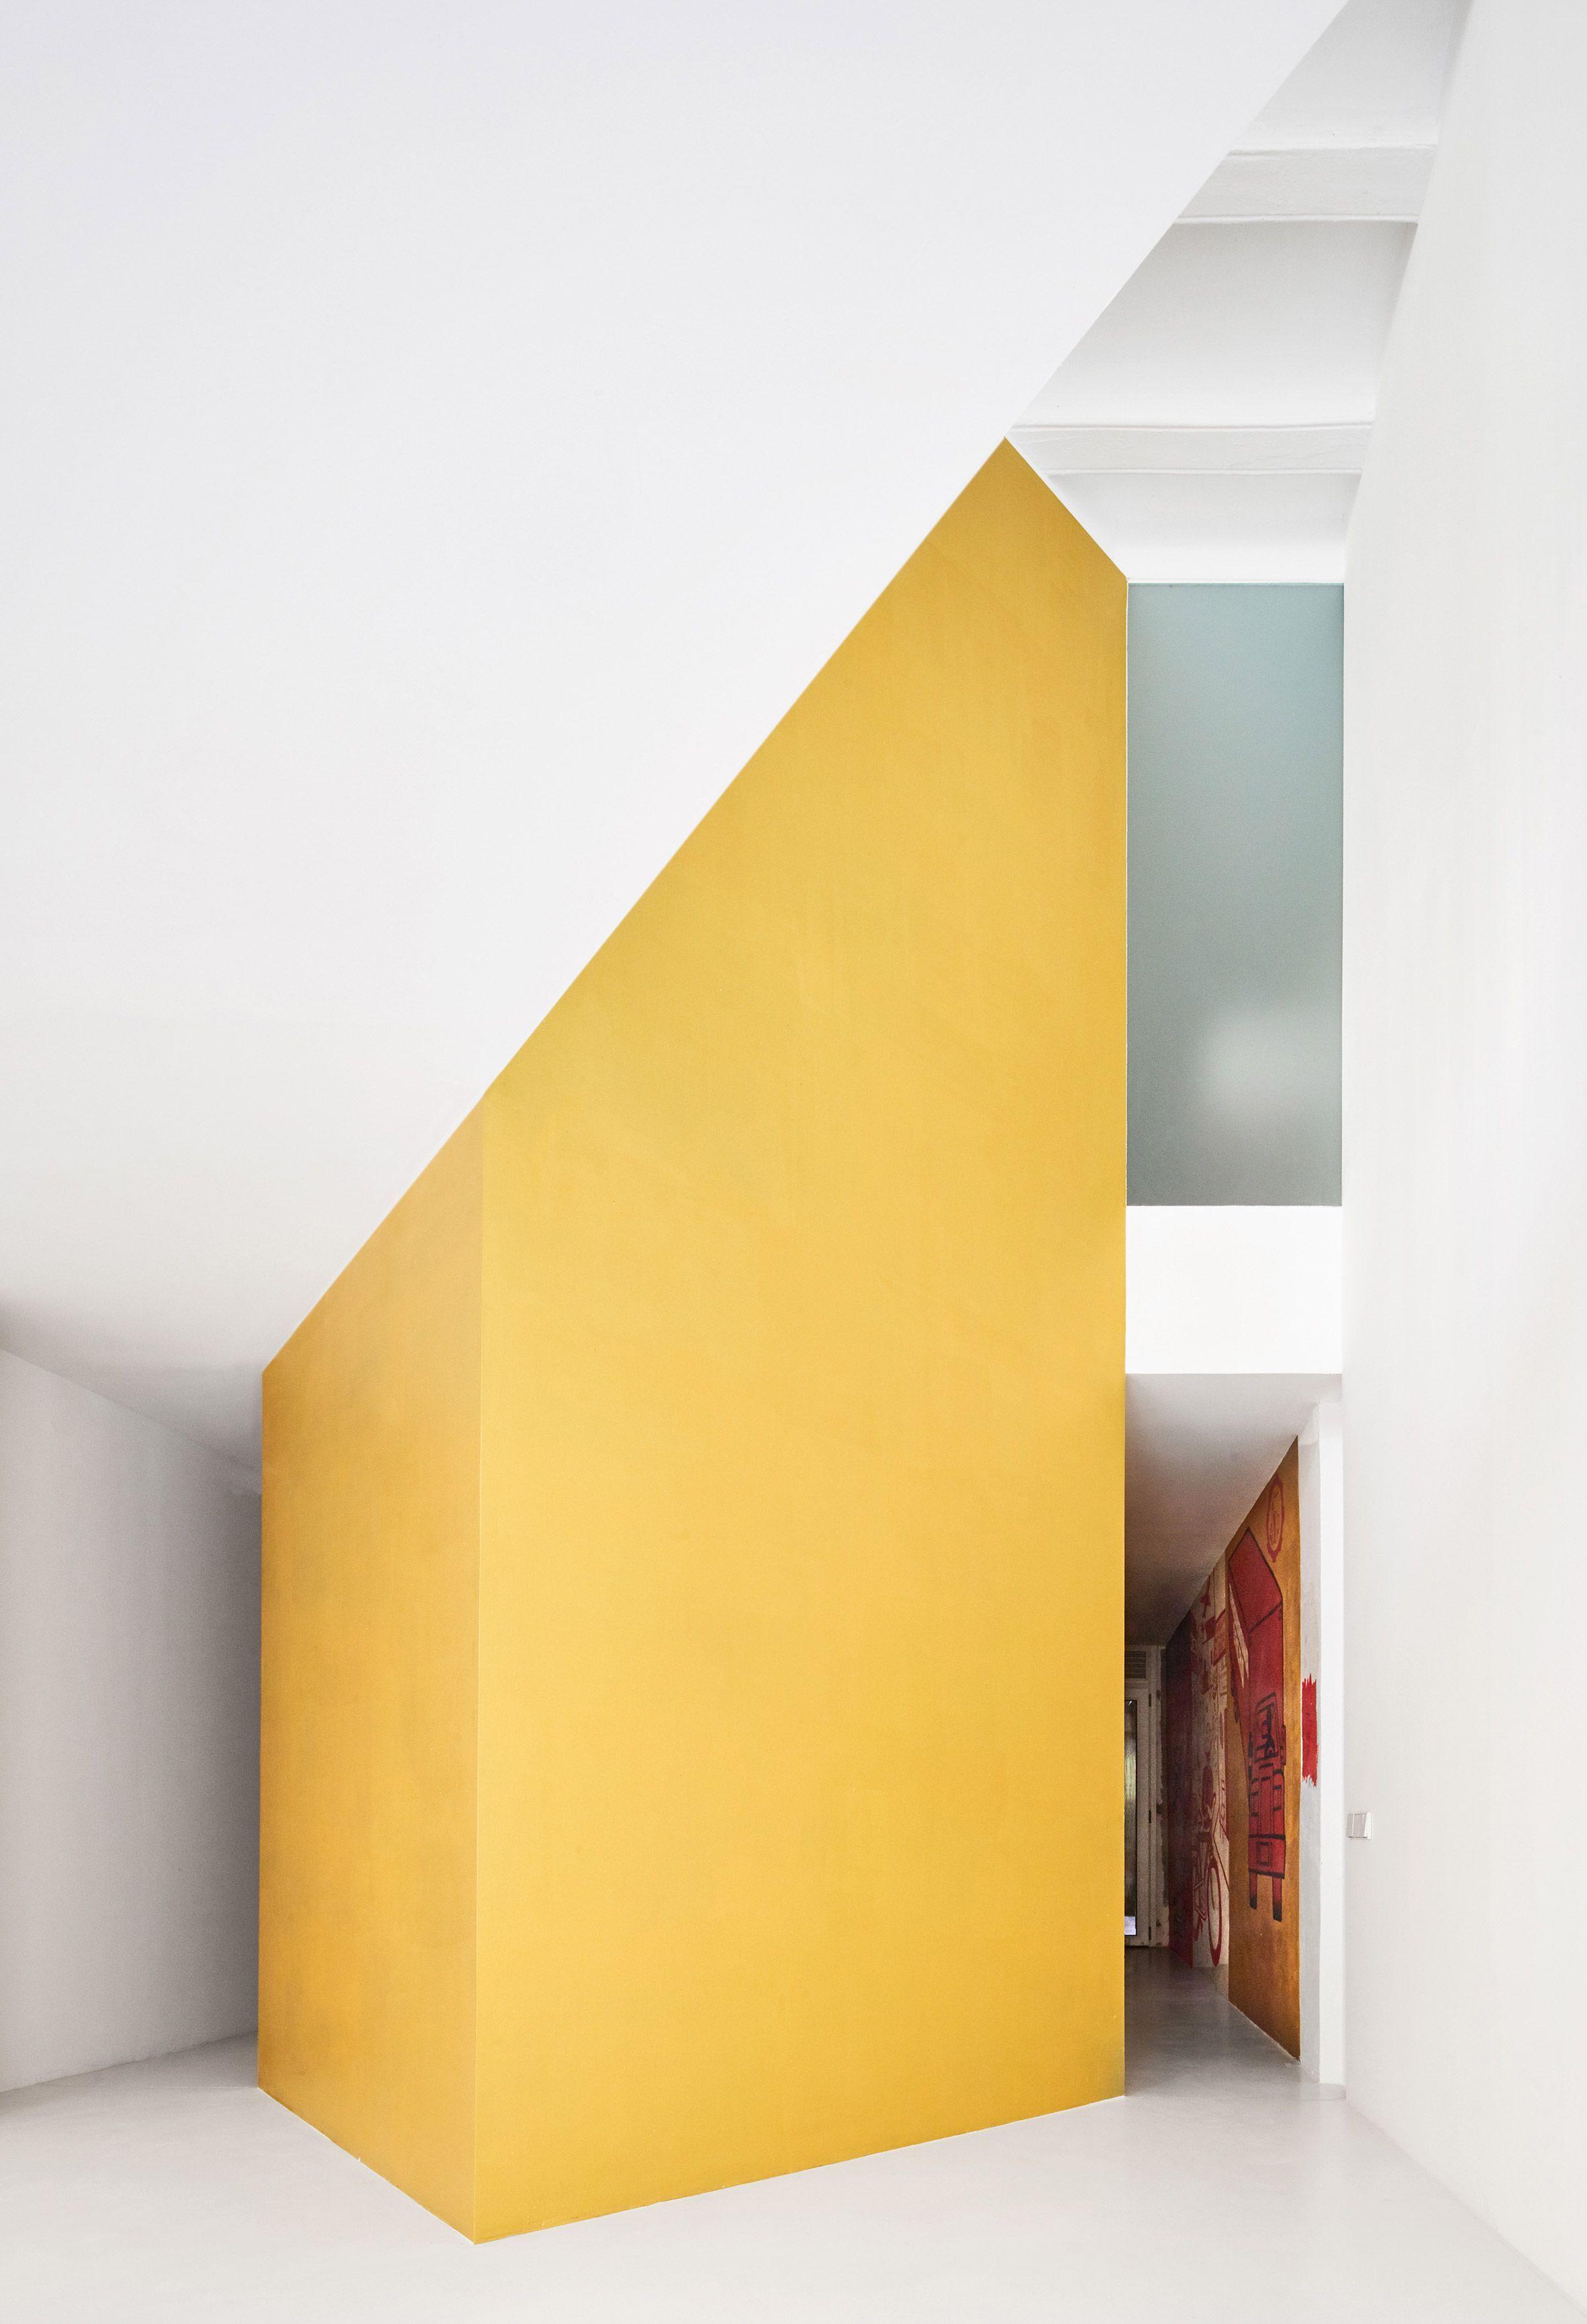 Design Raºl Sánchez Architects graphy José Hevia